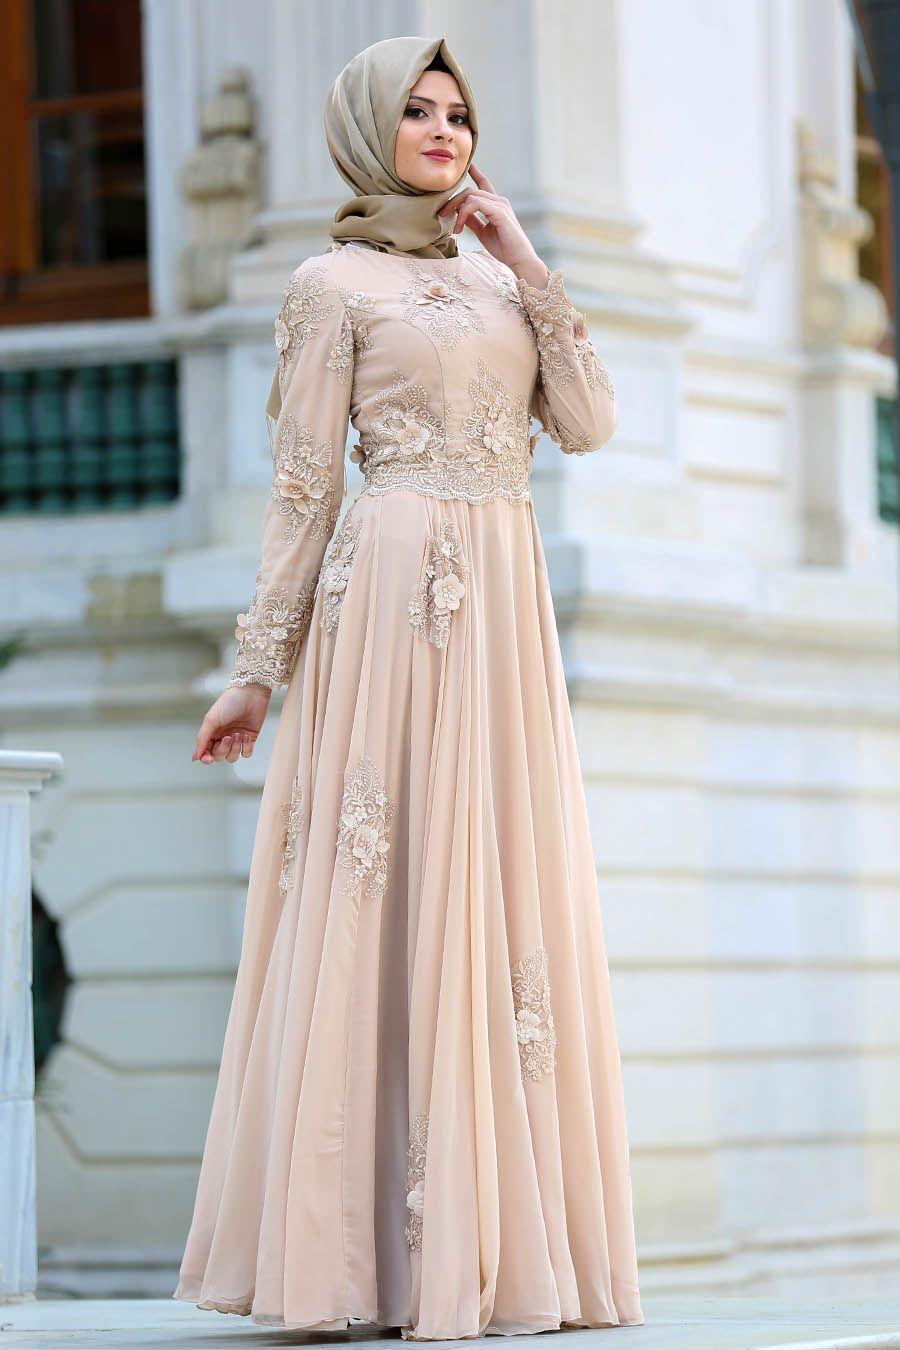 572832bb69f55 2018/2019 Yeni Sezon Özel Tasarım Abiye Koleksiyonu - Tesettürlü Abiye  Elbise - Üç Boyut